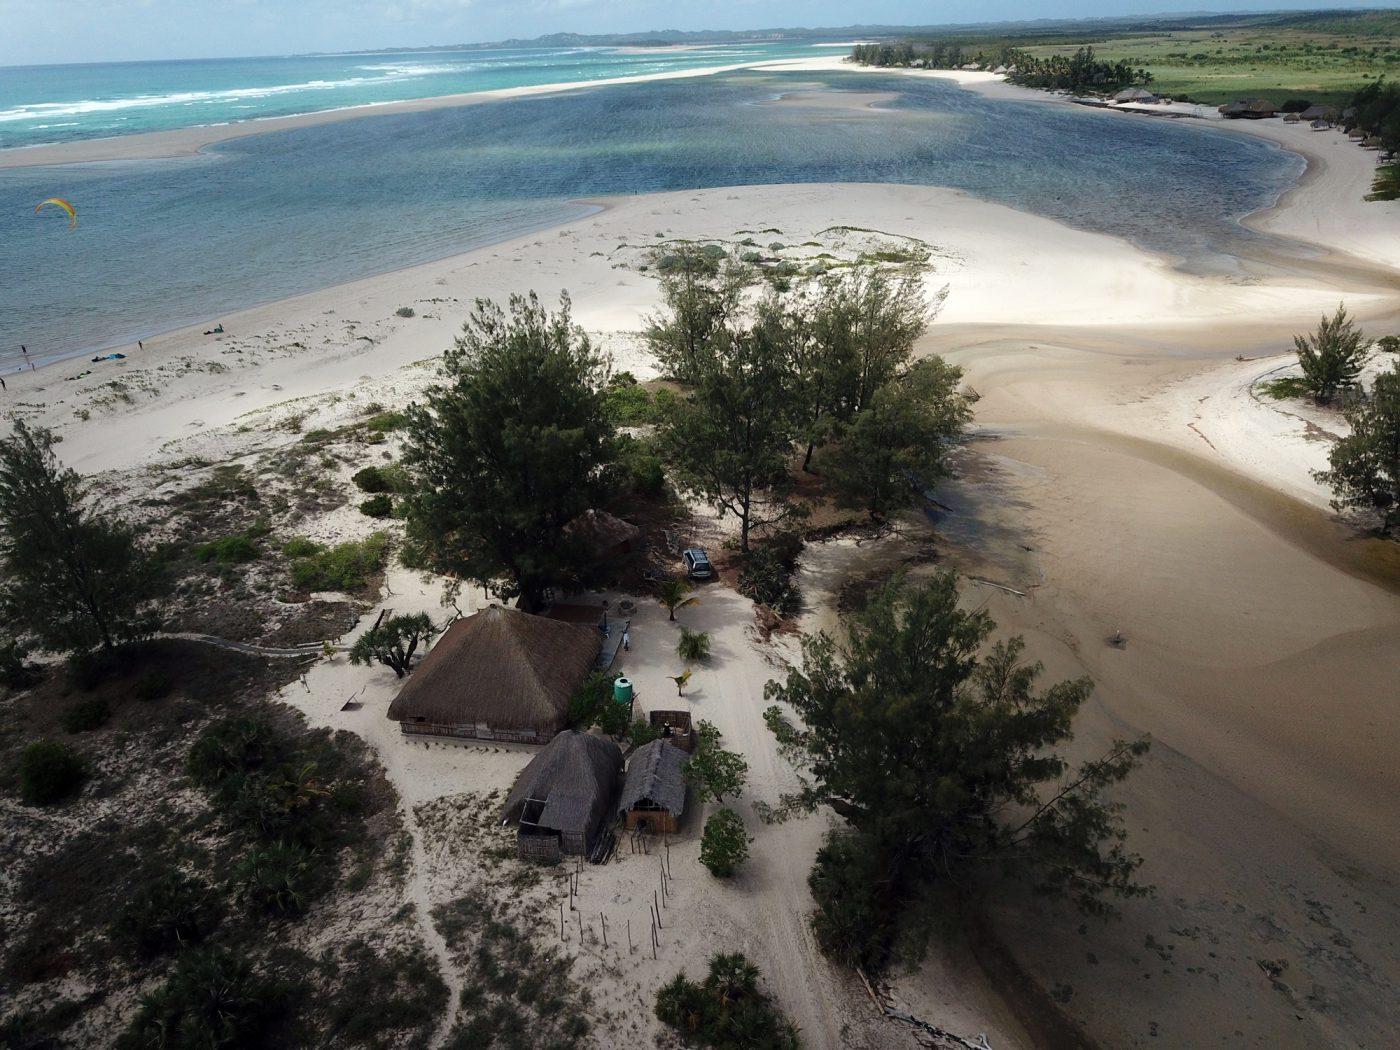 séjour kitesurf au mozambique